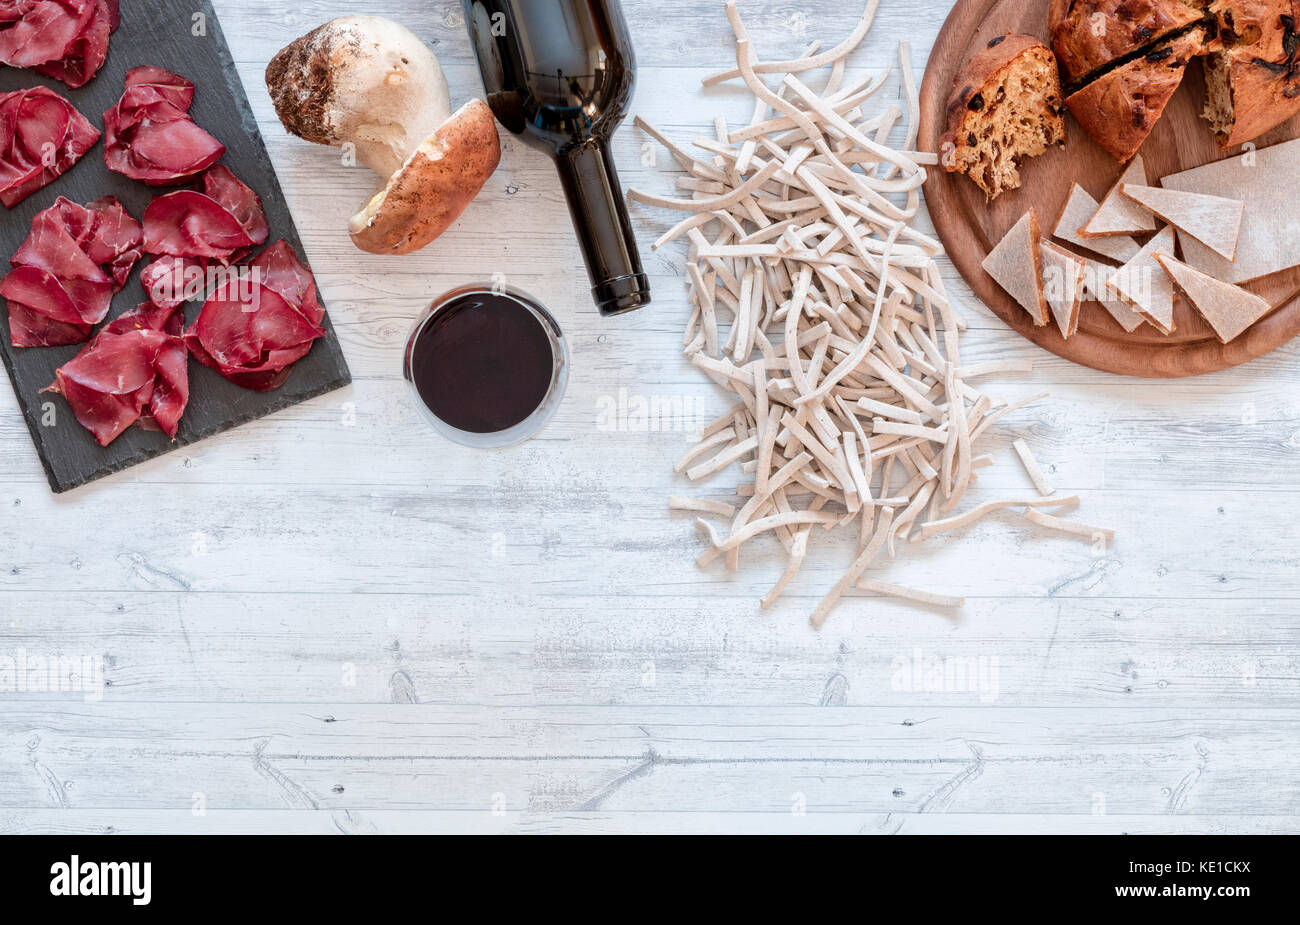 Bresaola igp acompañadas con vino tinto, pizzoccheri, setas y besciola, comida local de Valtellina, Lombardía, Imagen De Stock